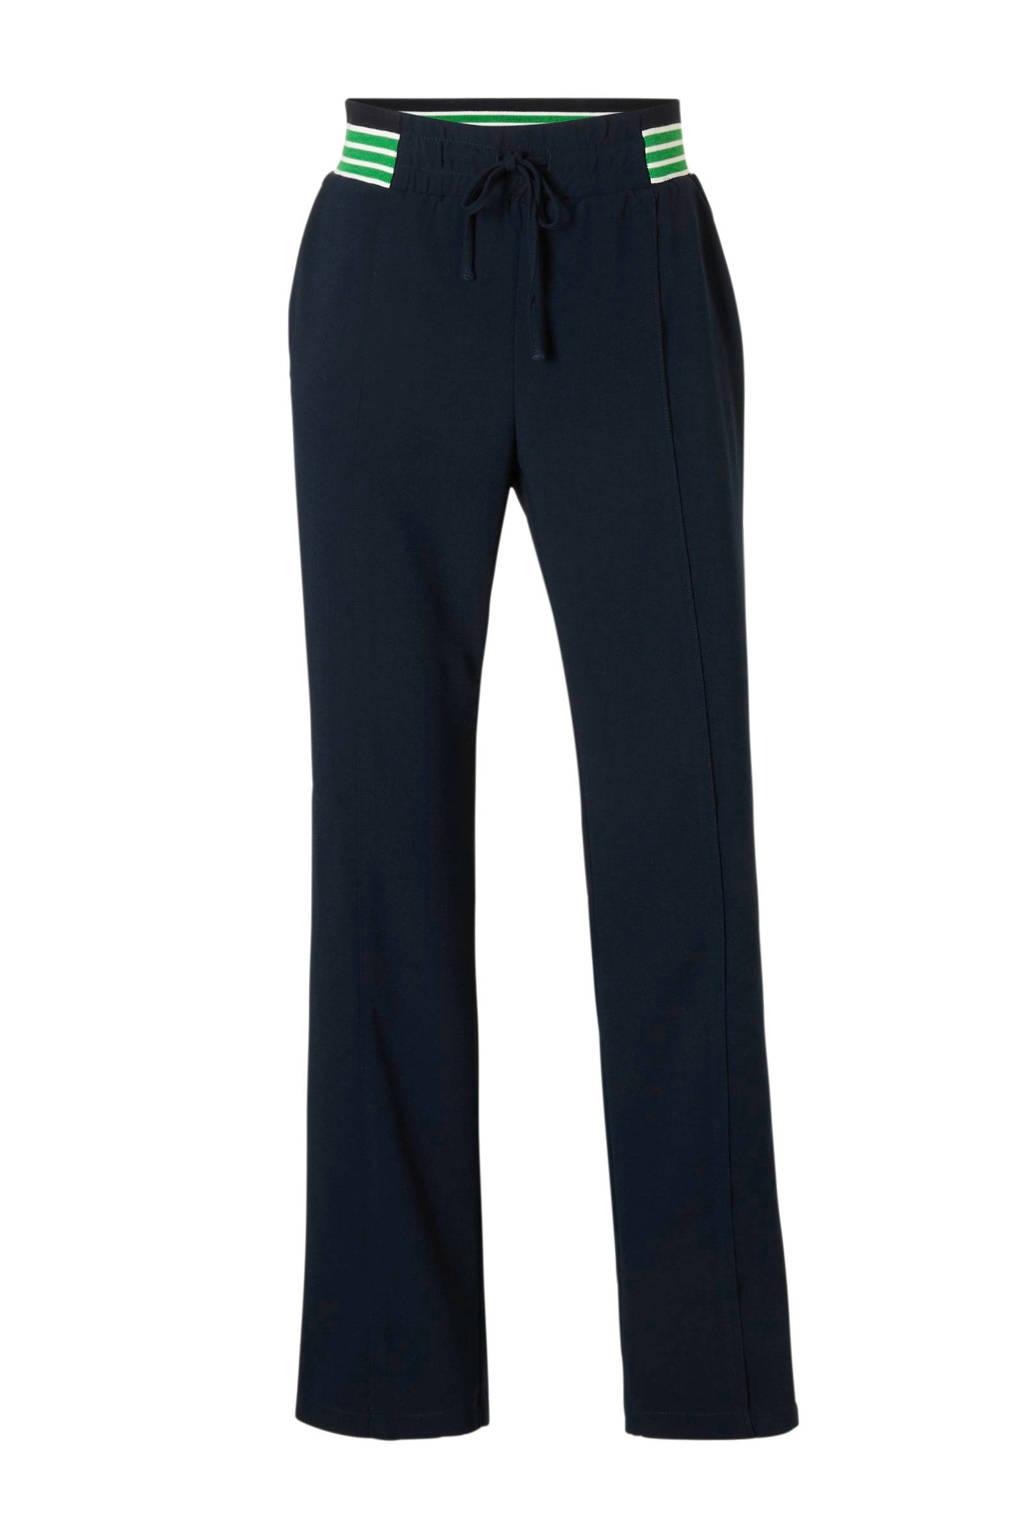 Modström broek met strepen, Donkerblauw/groen/wit